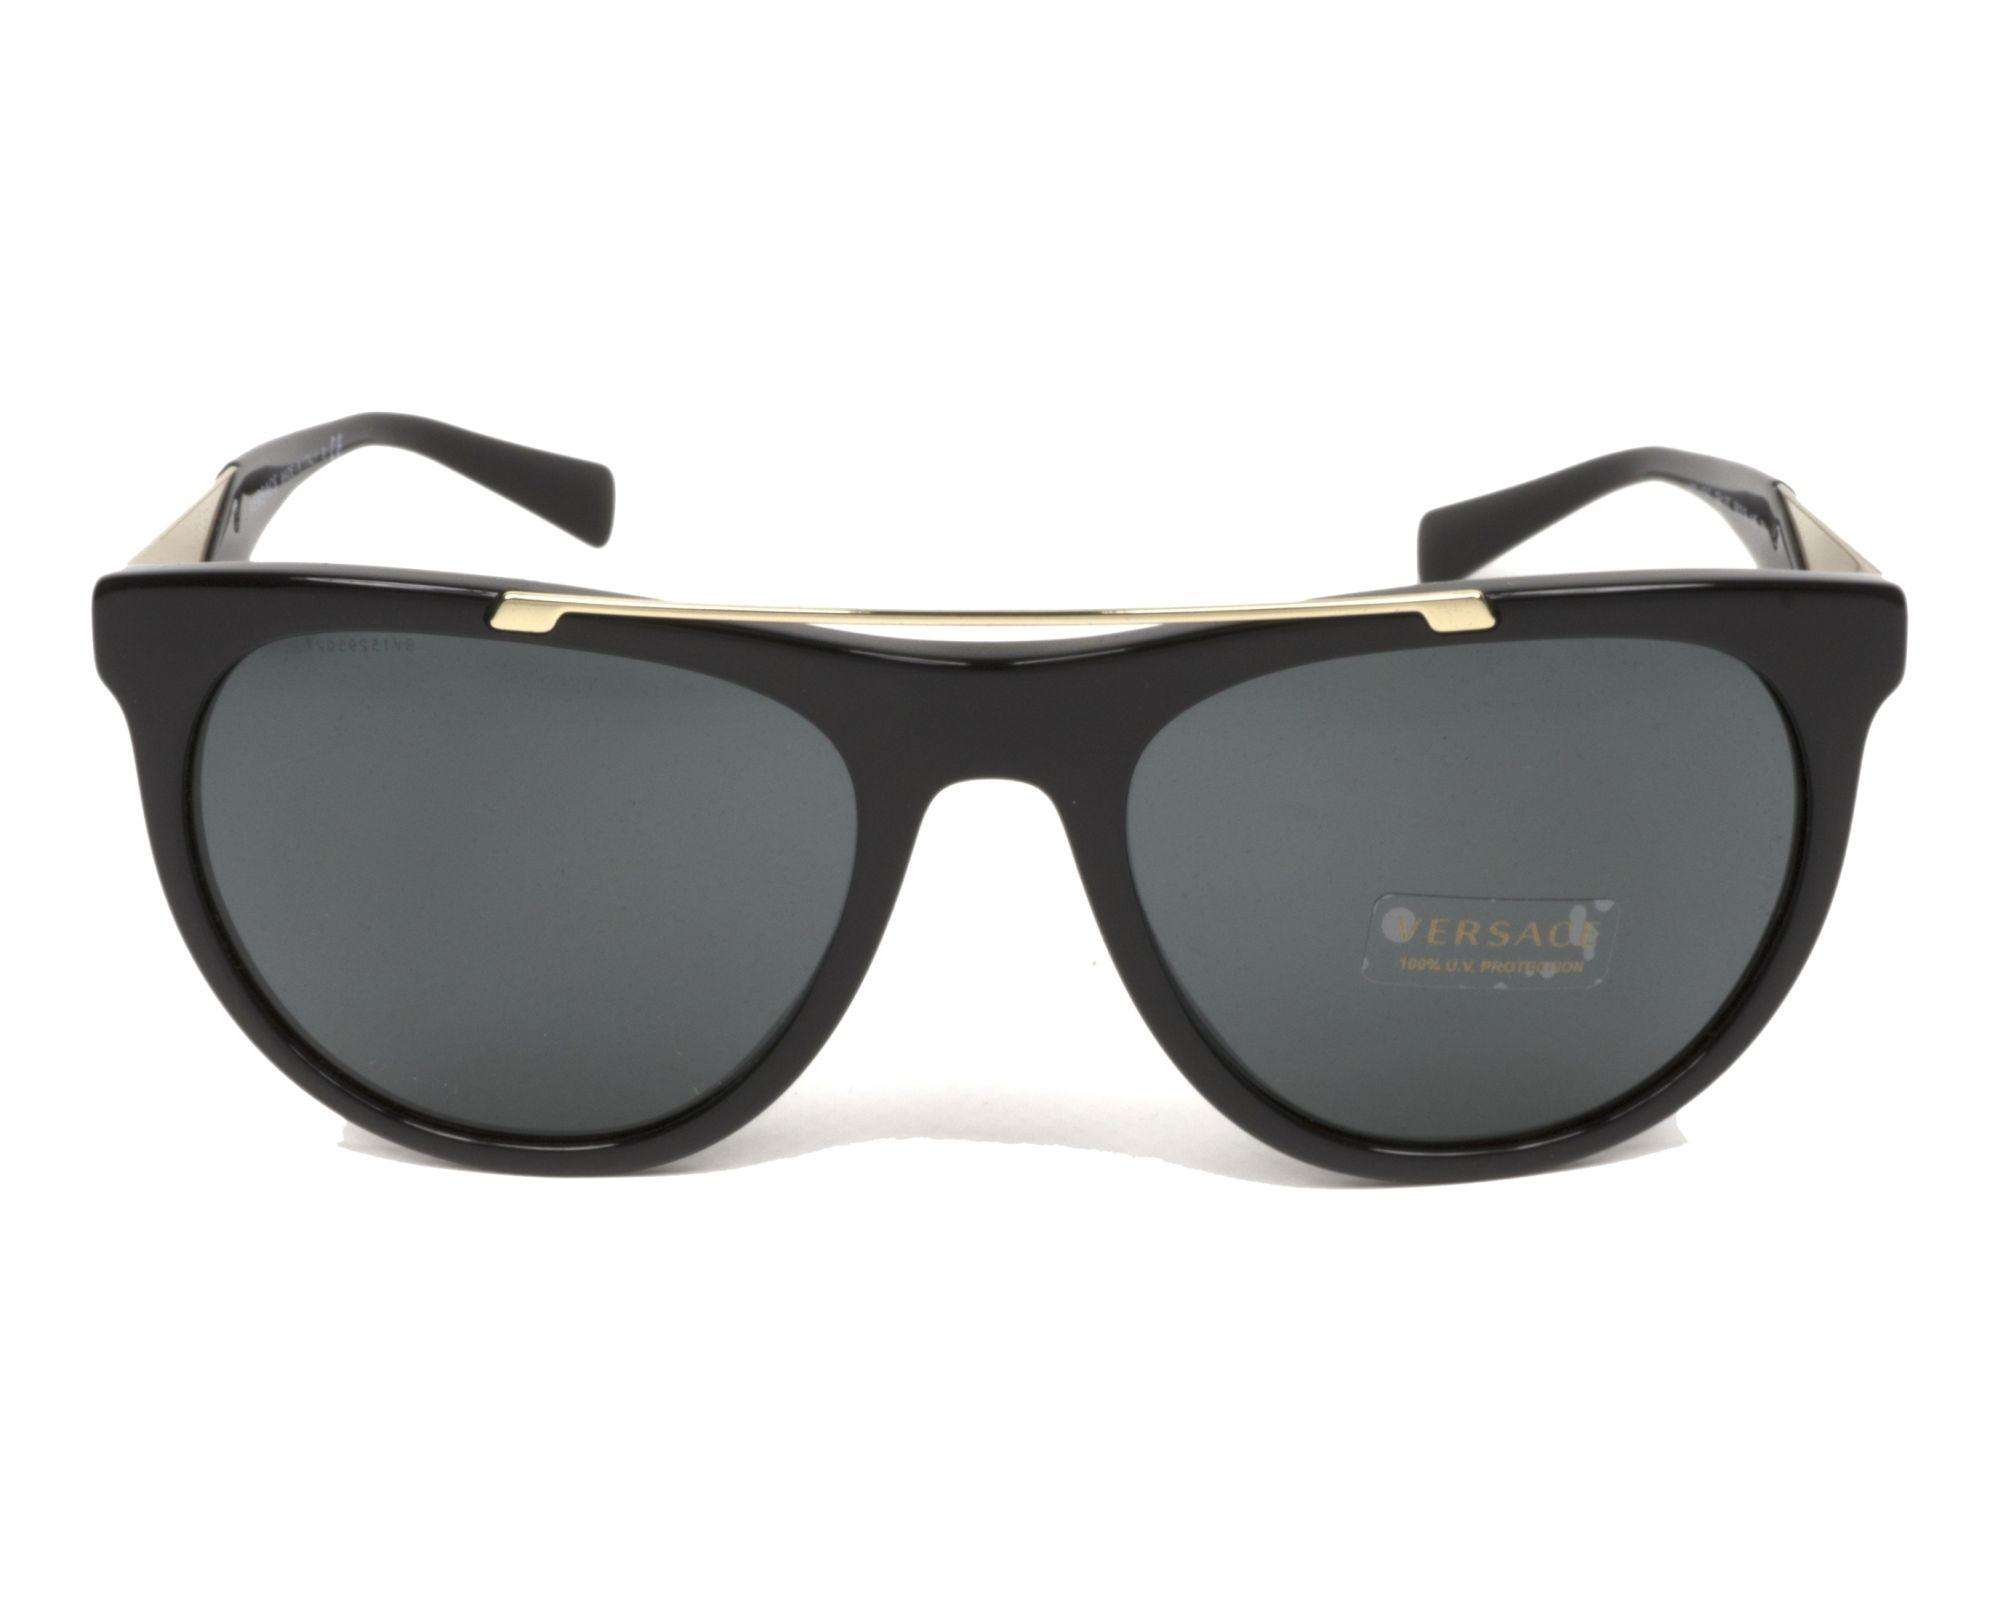 f63fb242eb Gafas de sol Versace VE-4347 GB1/87 56-19 Negra Oro vista